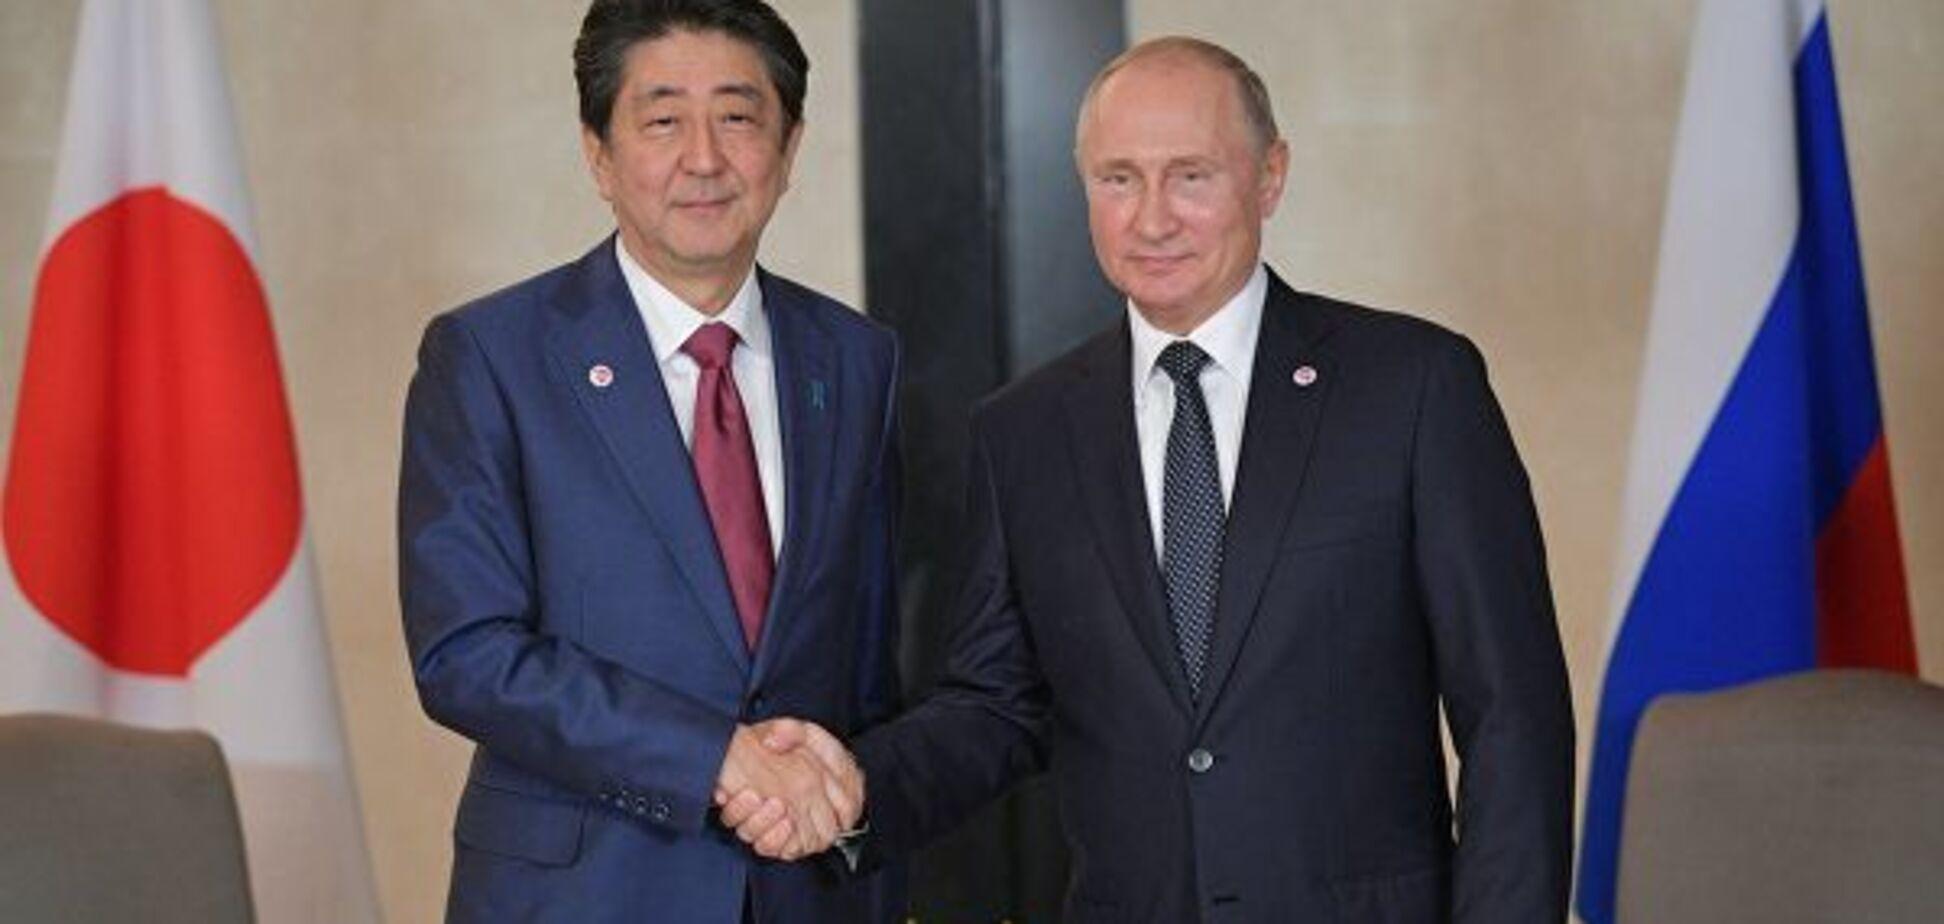 Япония завила о решающем моменте в отношениях с Россией